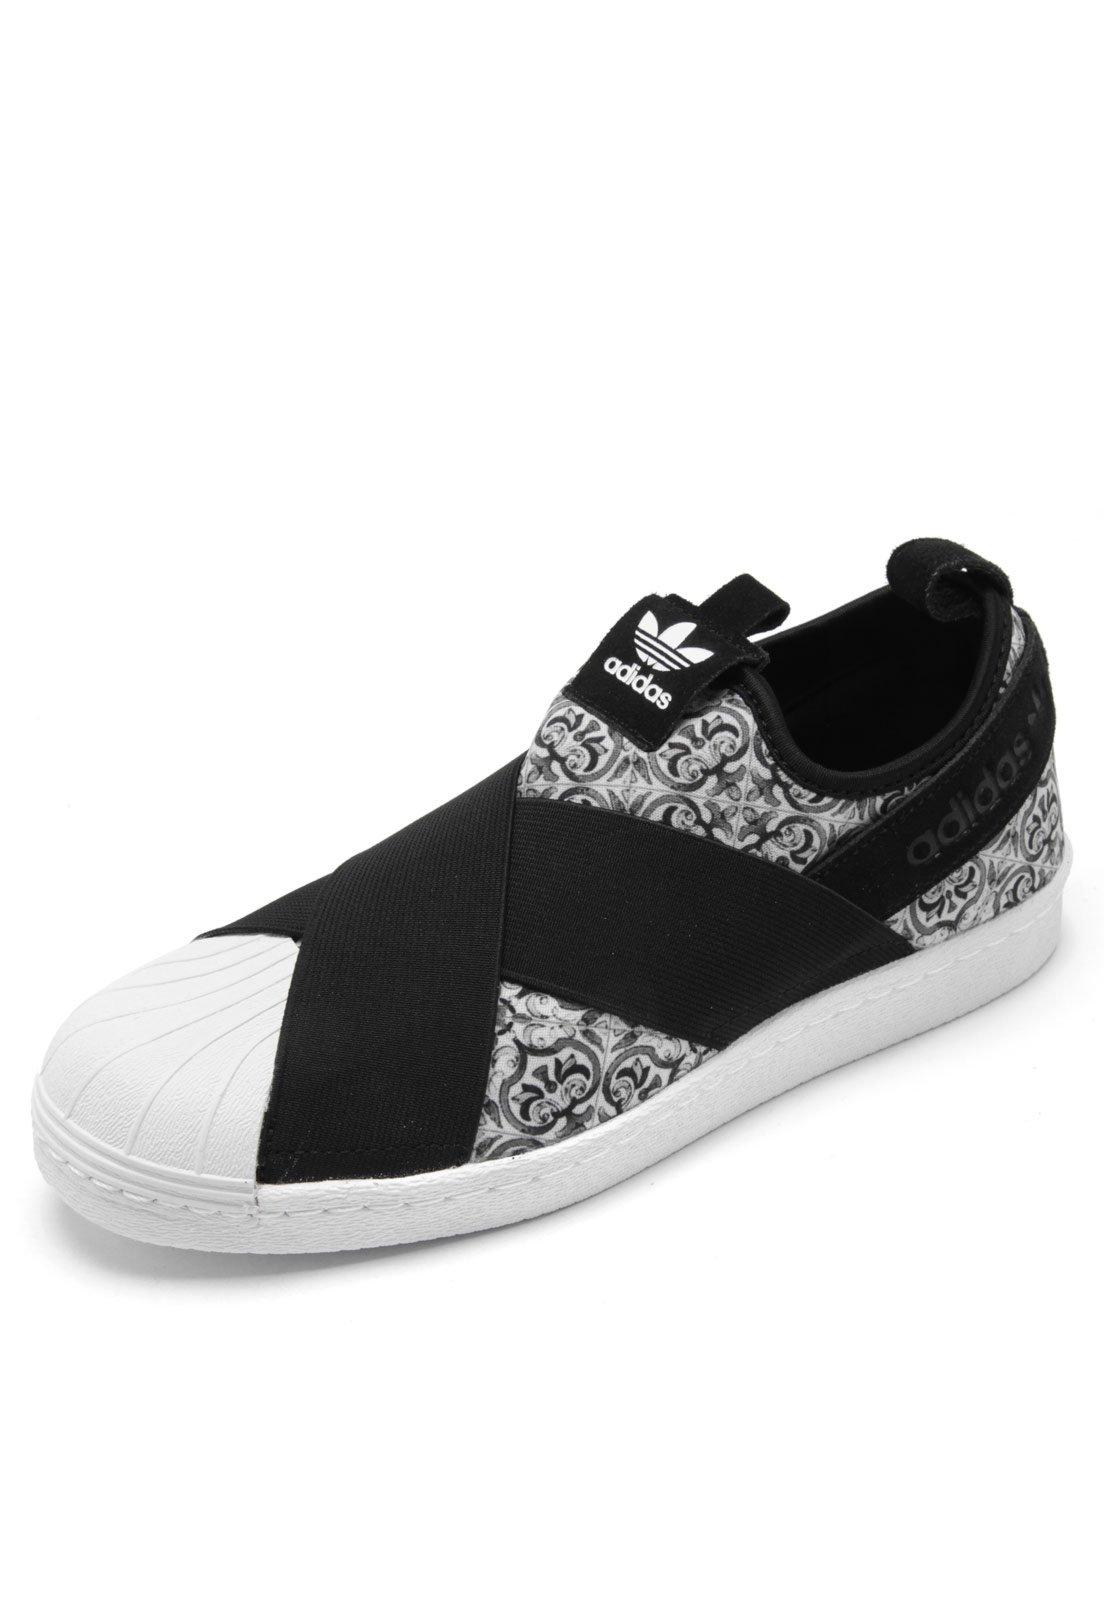 59510bfcb Tênis adidas Originals Superstar Preto - Compre Agora